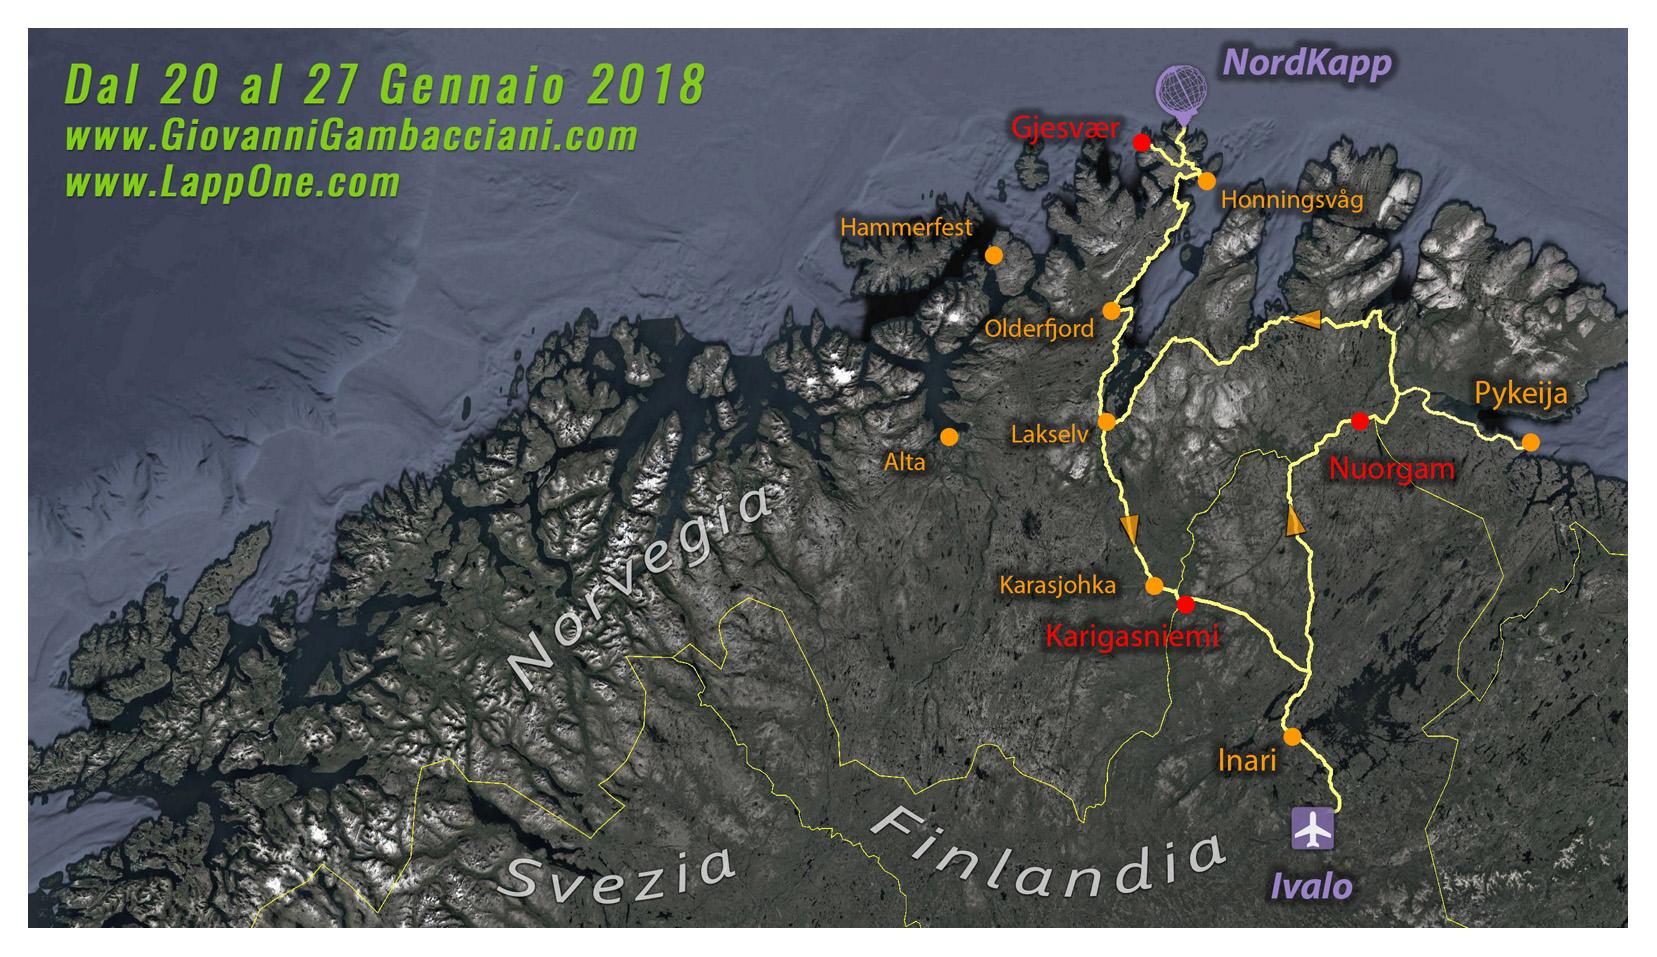 Viaggi di Gruppo  mappa_inverno2018_3 [CONCLUSO] L'alba di Mezzogiorno a CapoNord: Da Sabato 20 a Sabato 27 Gennaio 2018